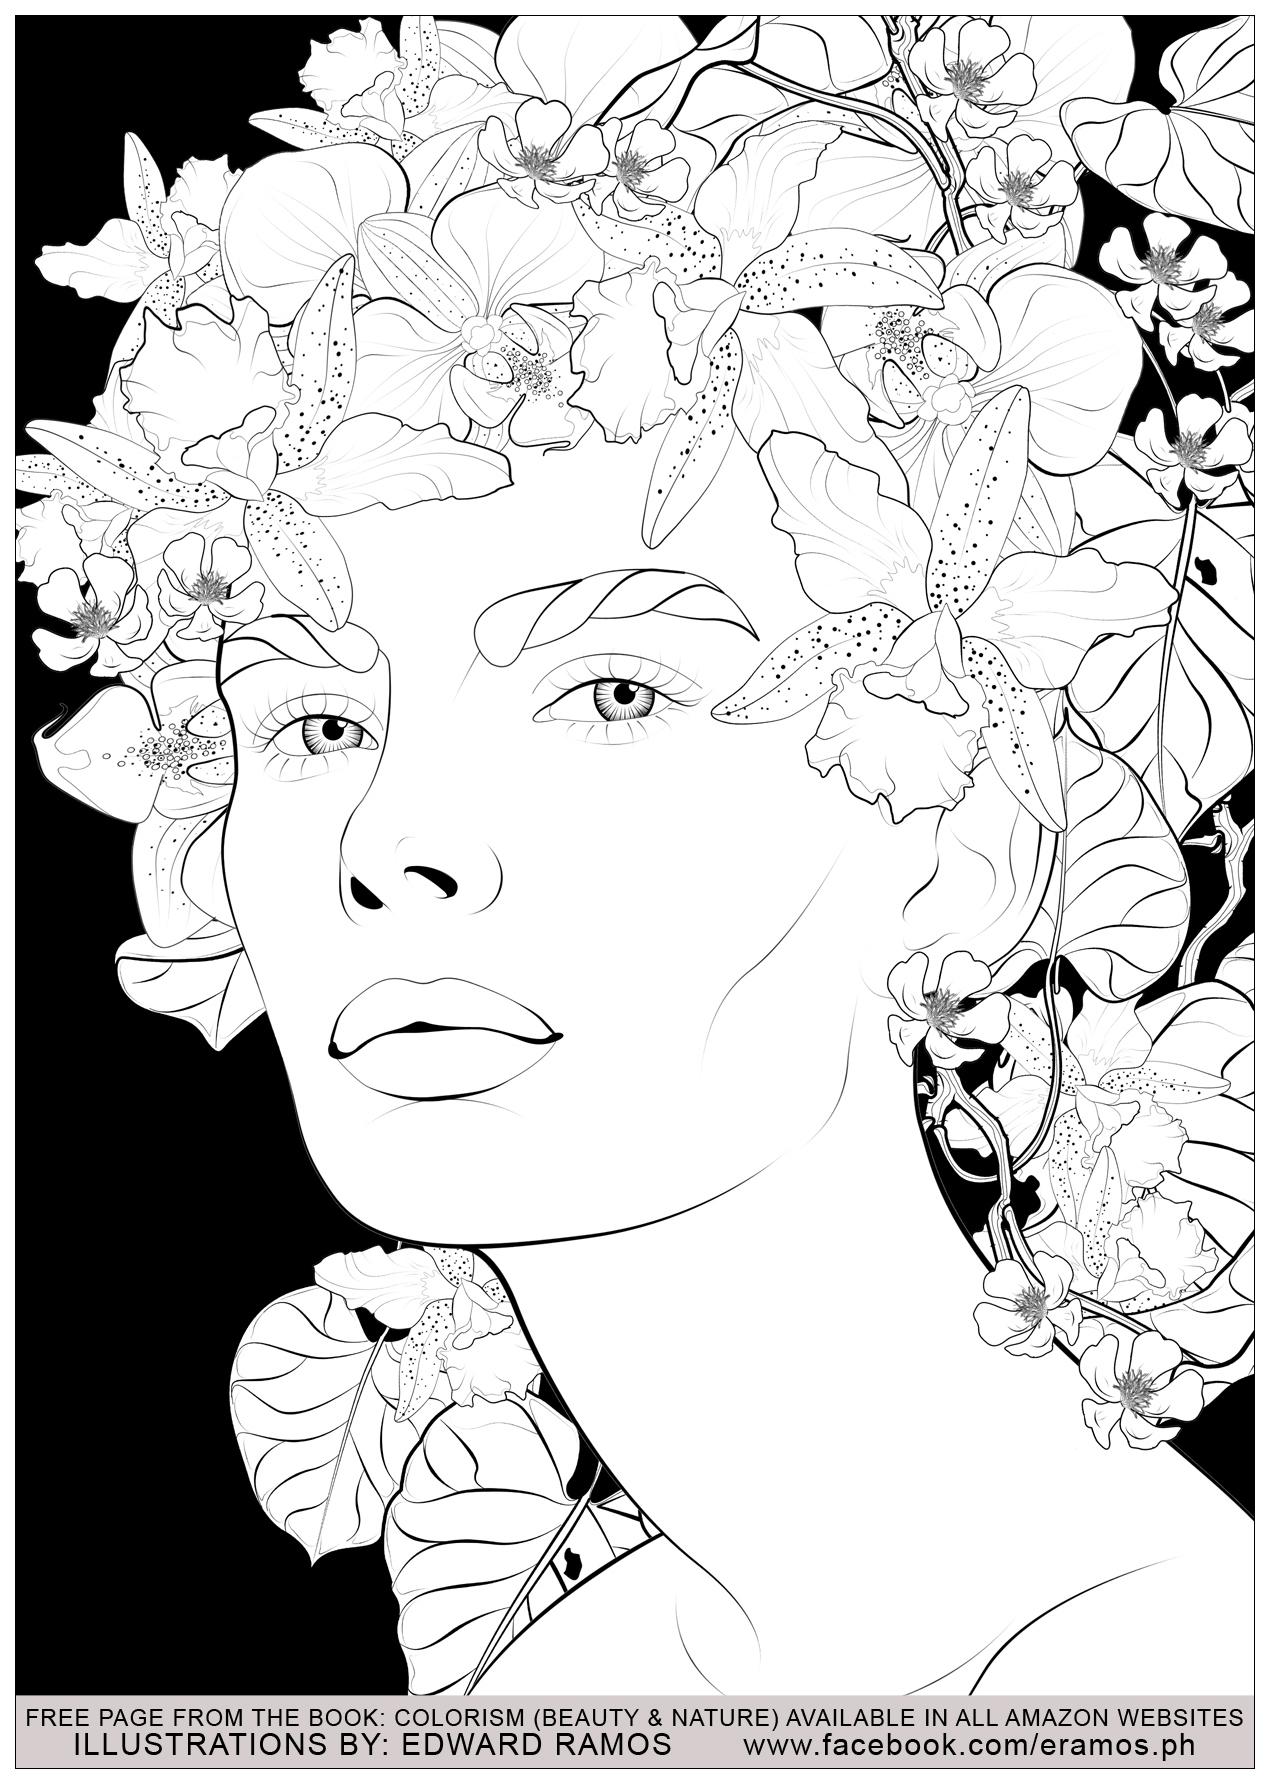 Illustration tirée du livre ' Colorism: Beauty & Nature' d'Edward Ramos - 11